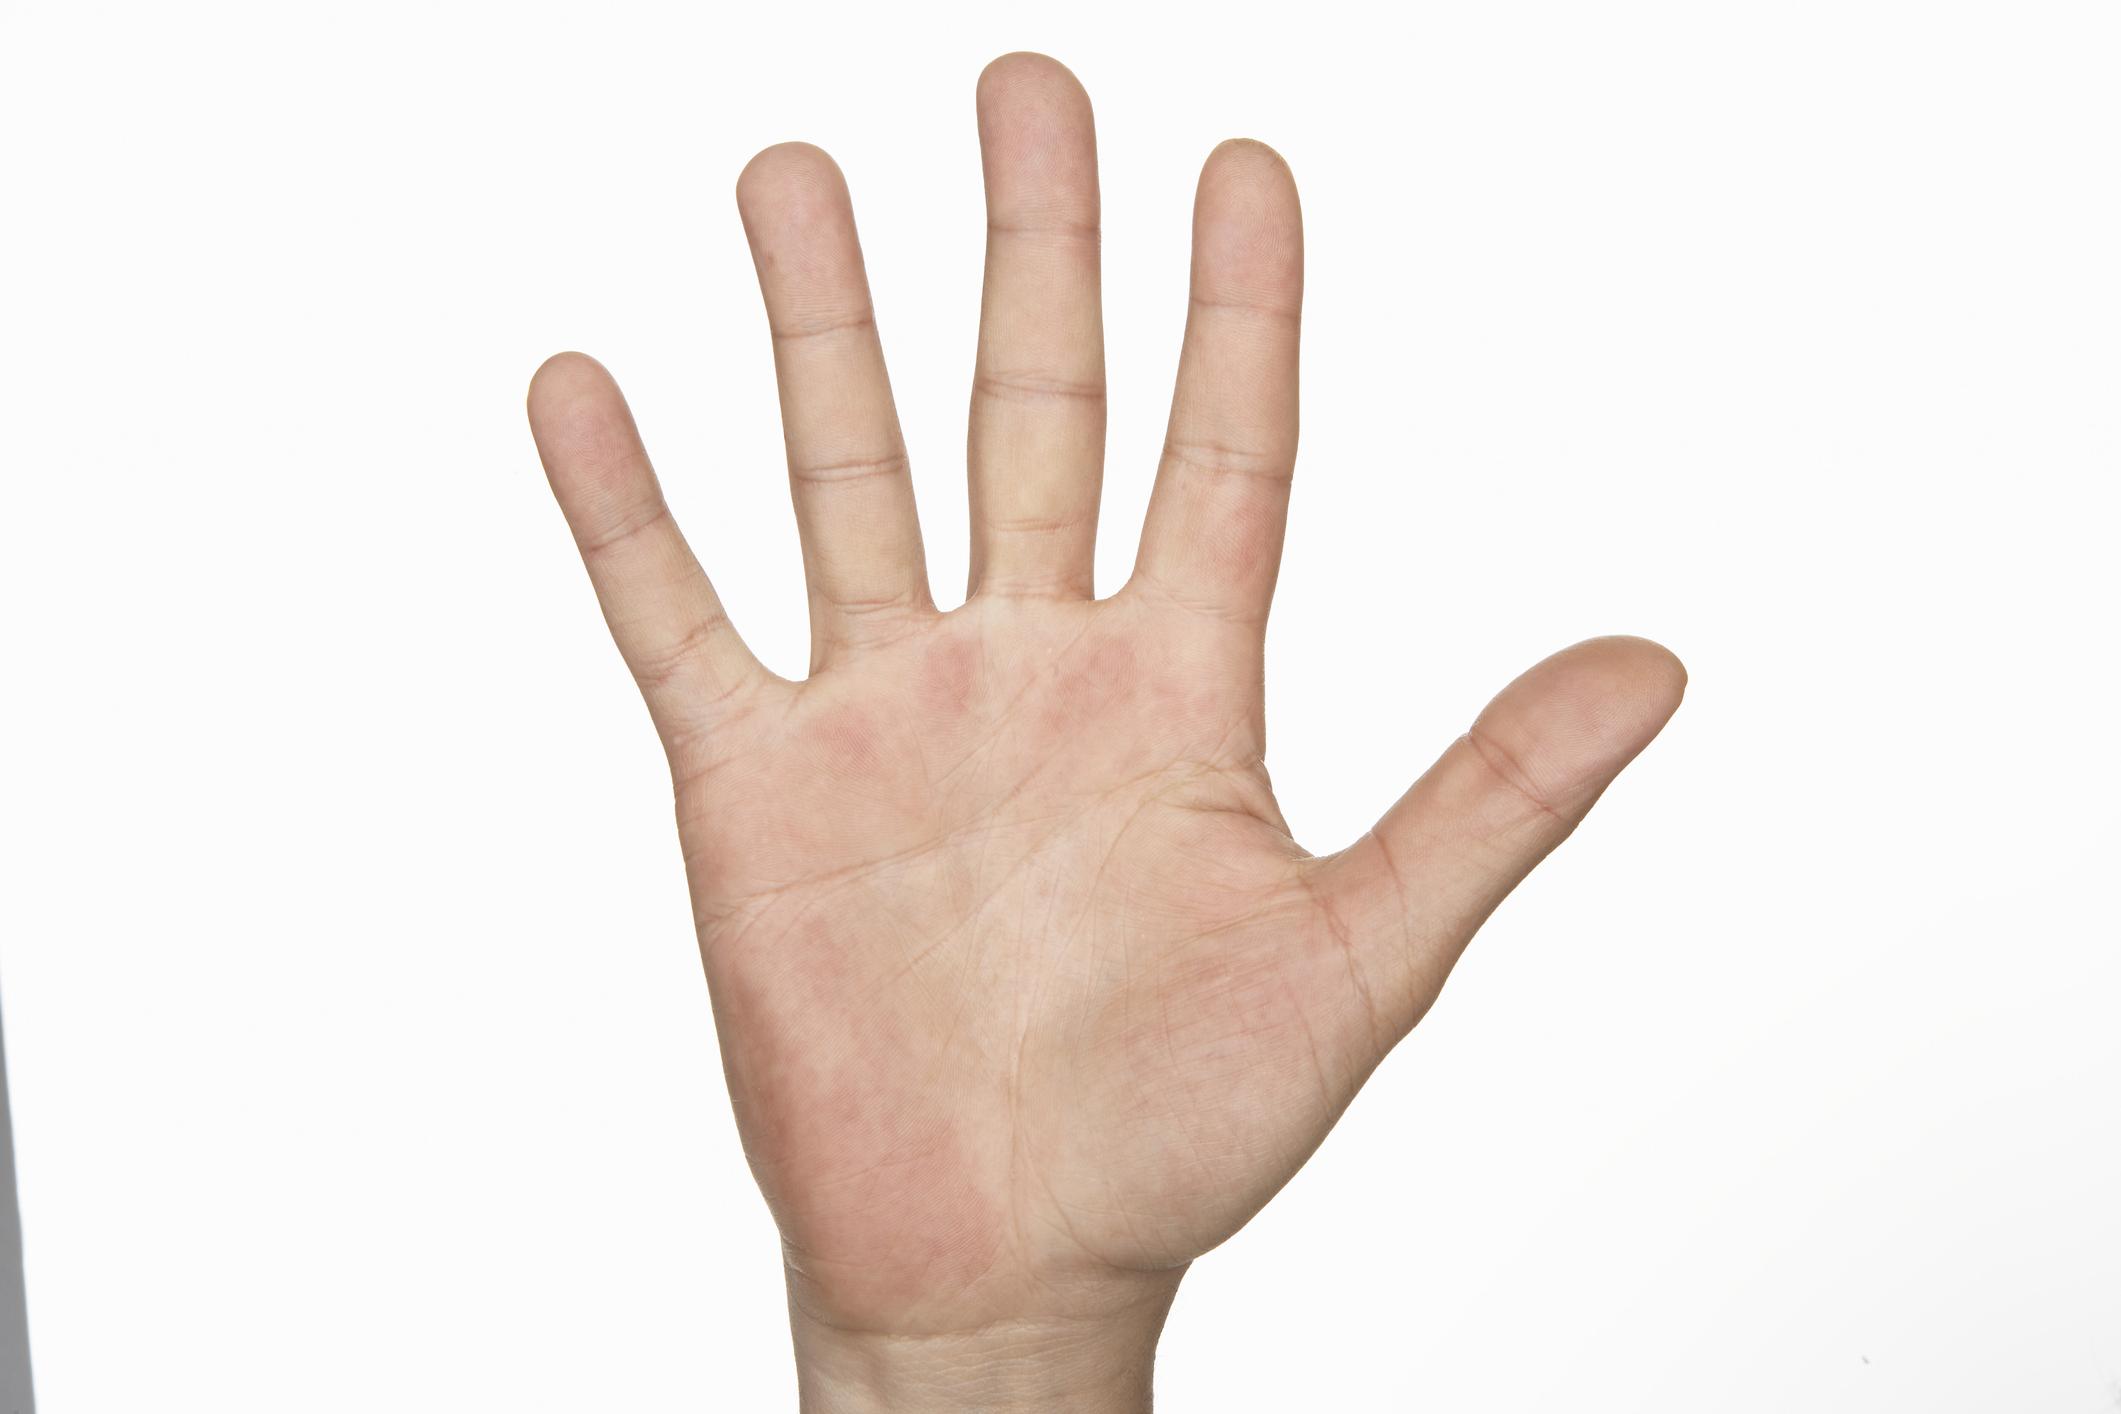 vörös folt jelent meg a kézen az ujjak között)